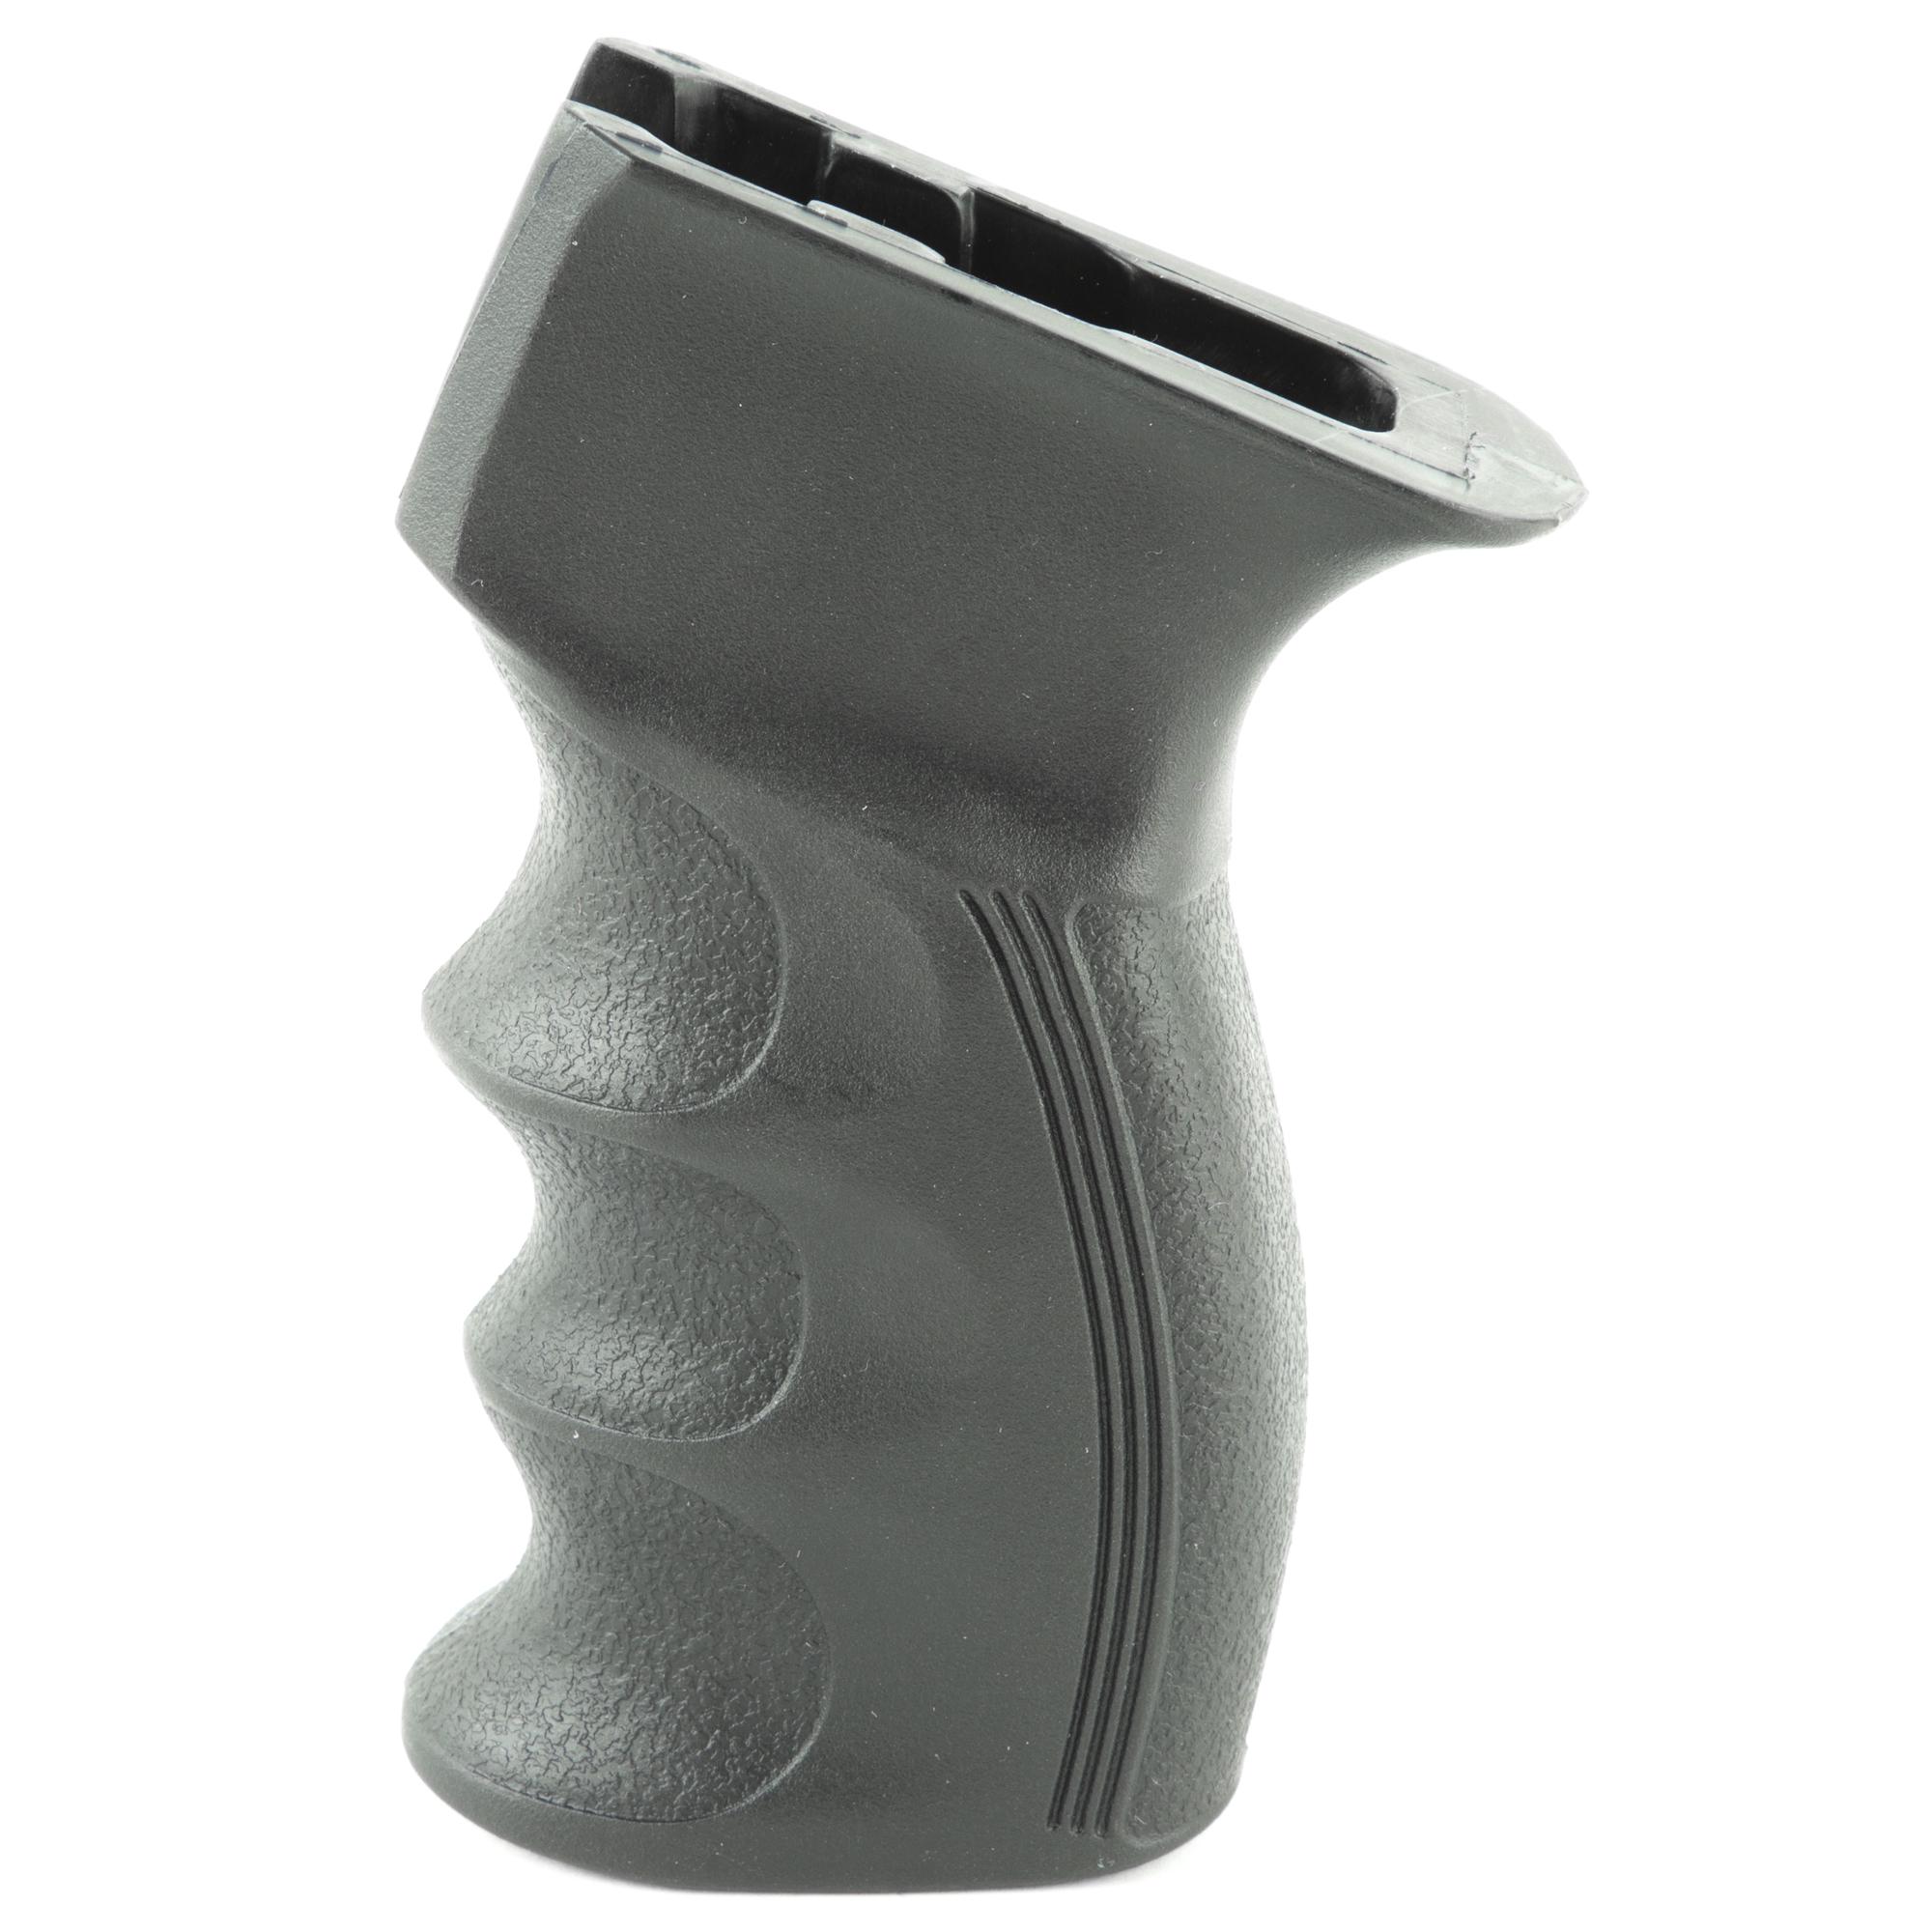 Adv Tech Classic Ak47 Grip Blk